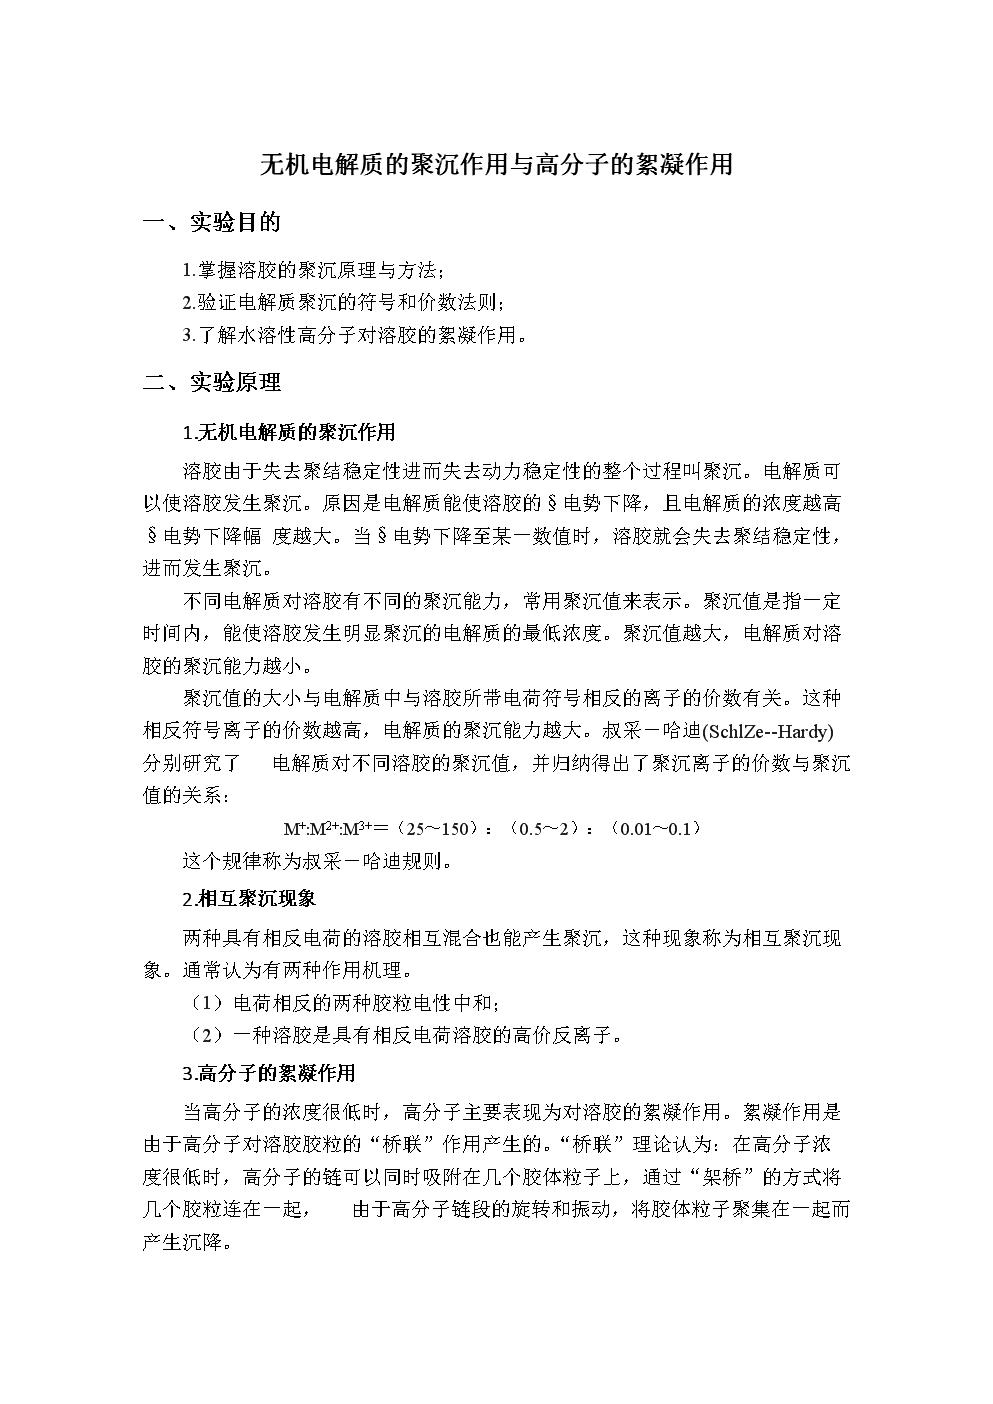 油大学 华东 化学原理2应用物理化学实验报告无机电解质的聚沉作用